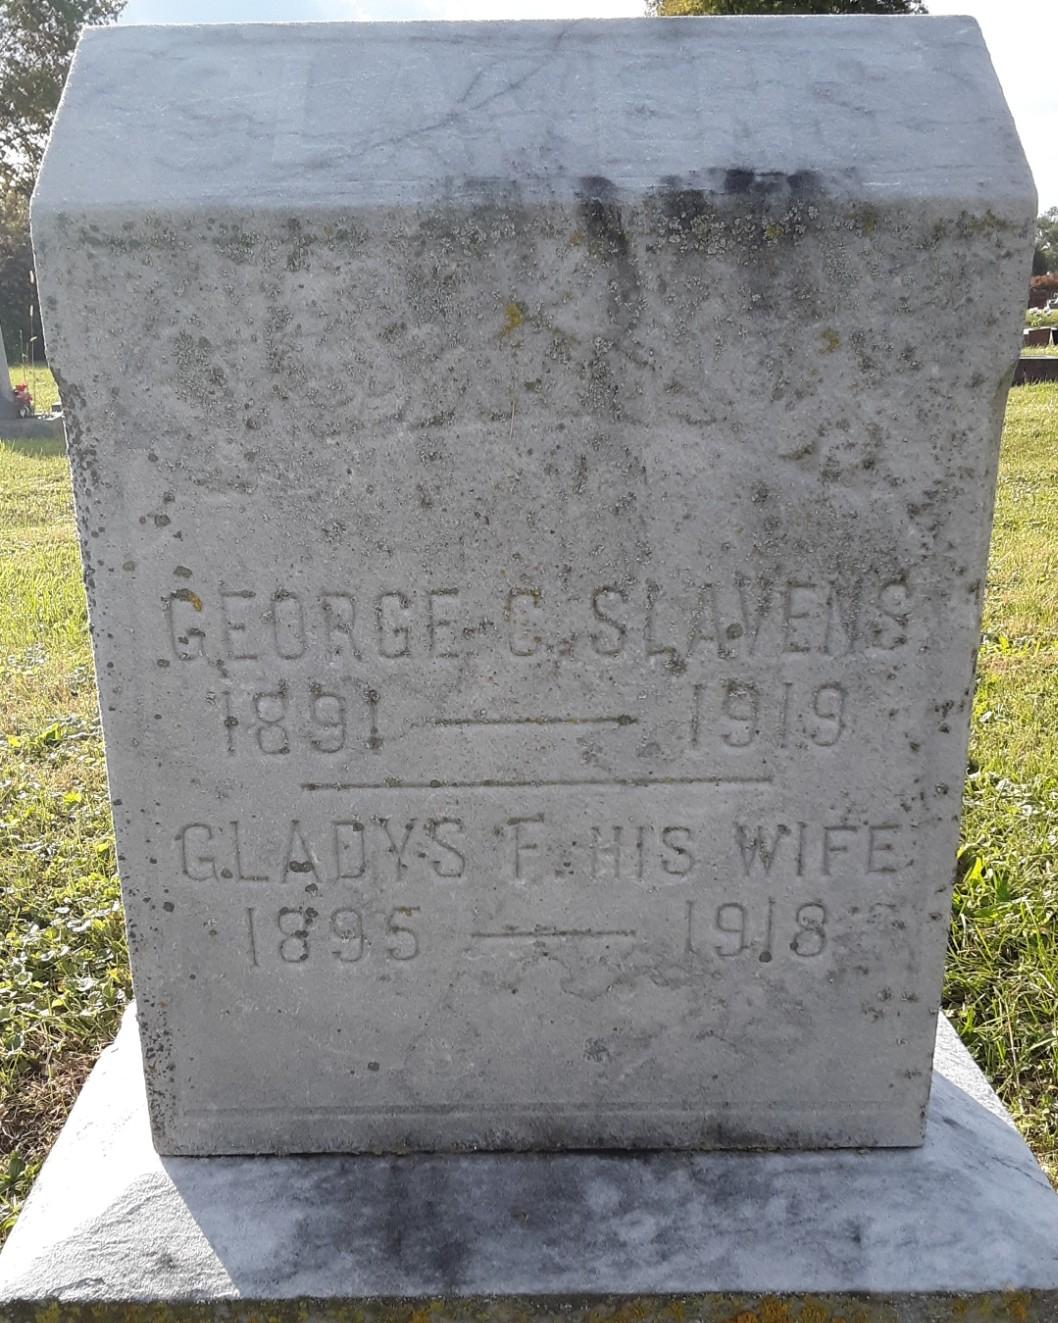 Railroad Detective George C. Slavens | Baltimore and Ohio Railroad Police Department, Railroad Police